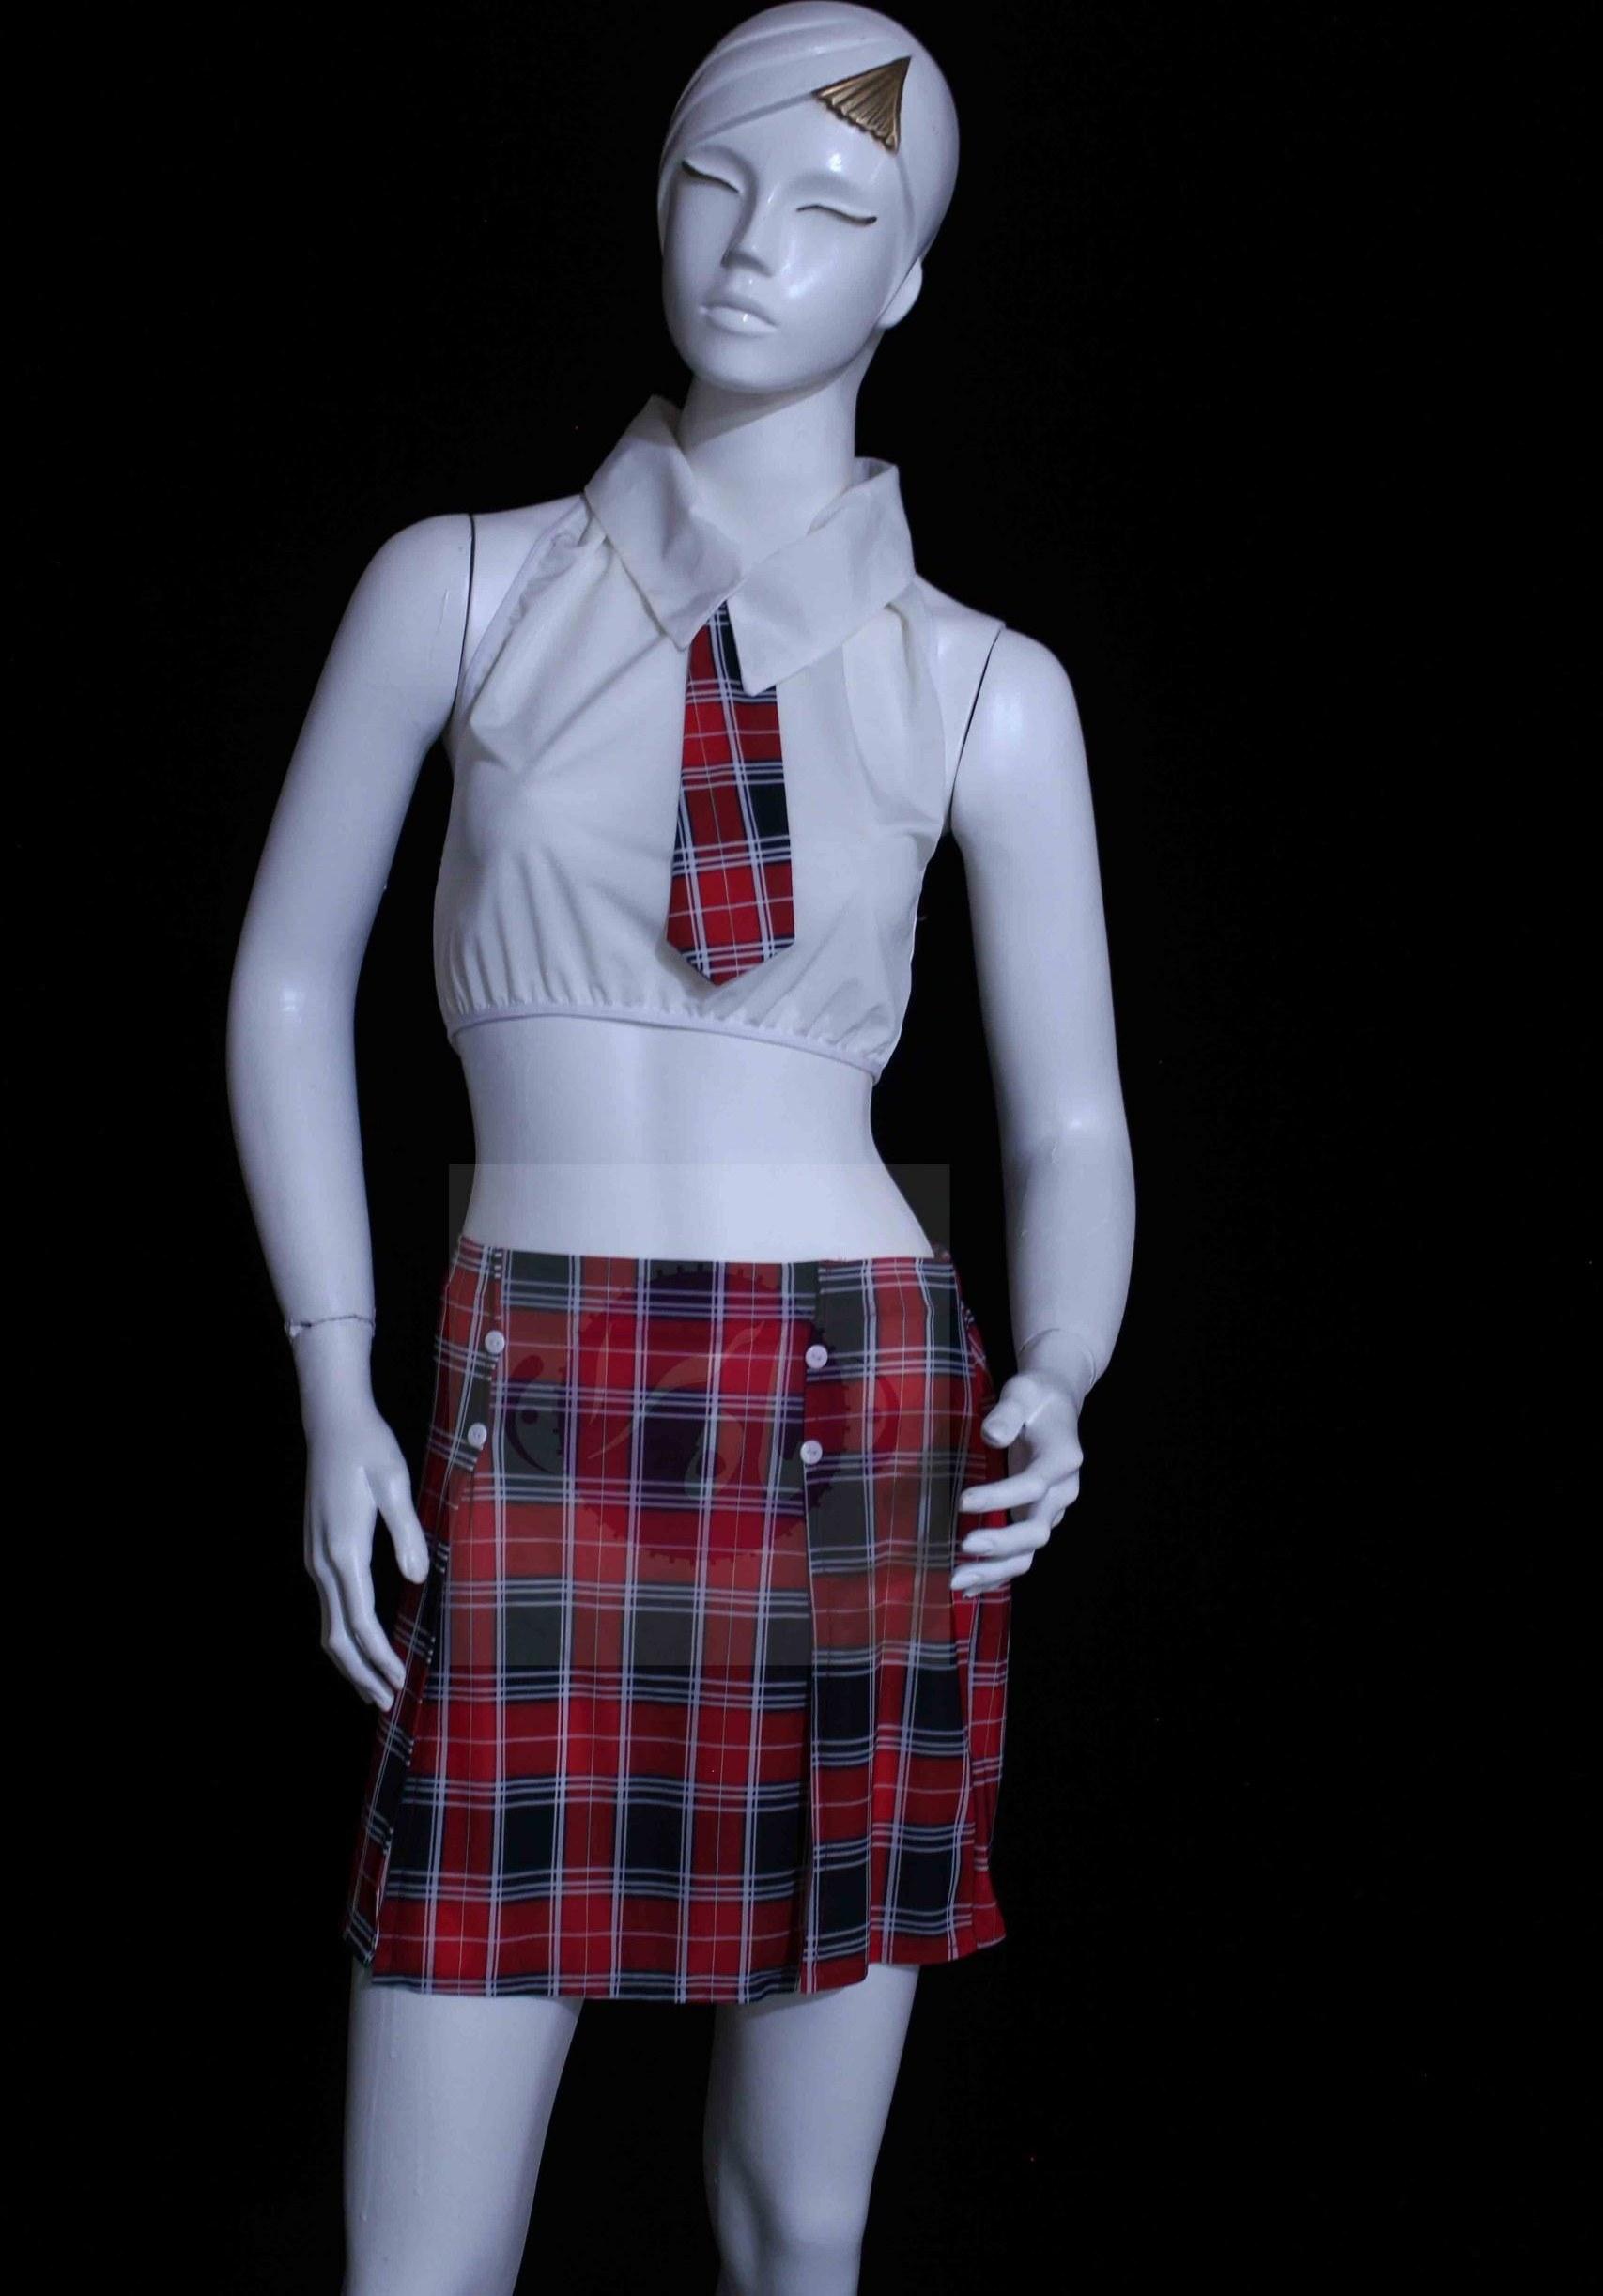 عکس خرید و قیمت لباس فانتزی دانش آموزی زنانه  خرید-و-قیمت-لباس-فانتزی-دانش-اموزی-زنانه